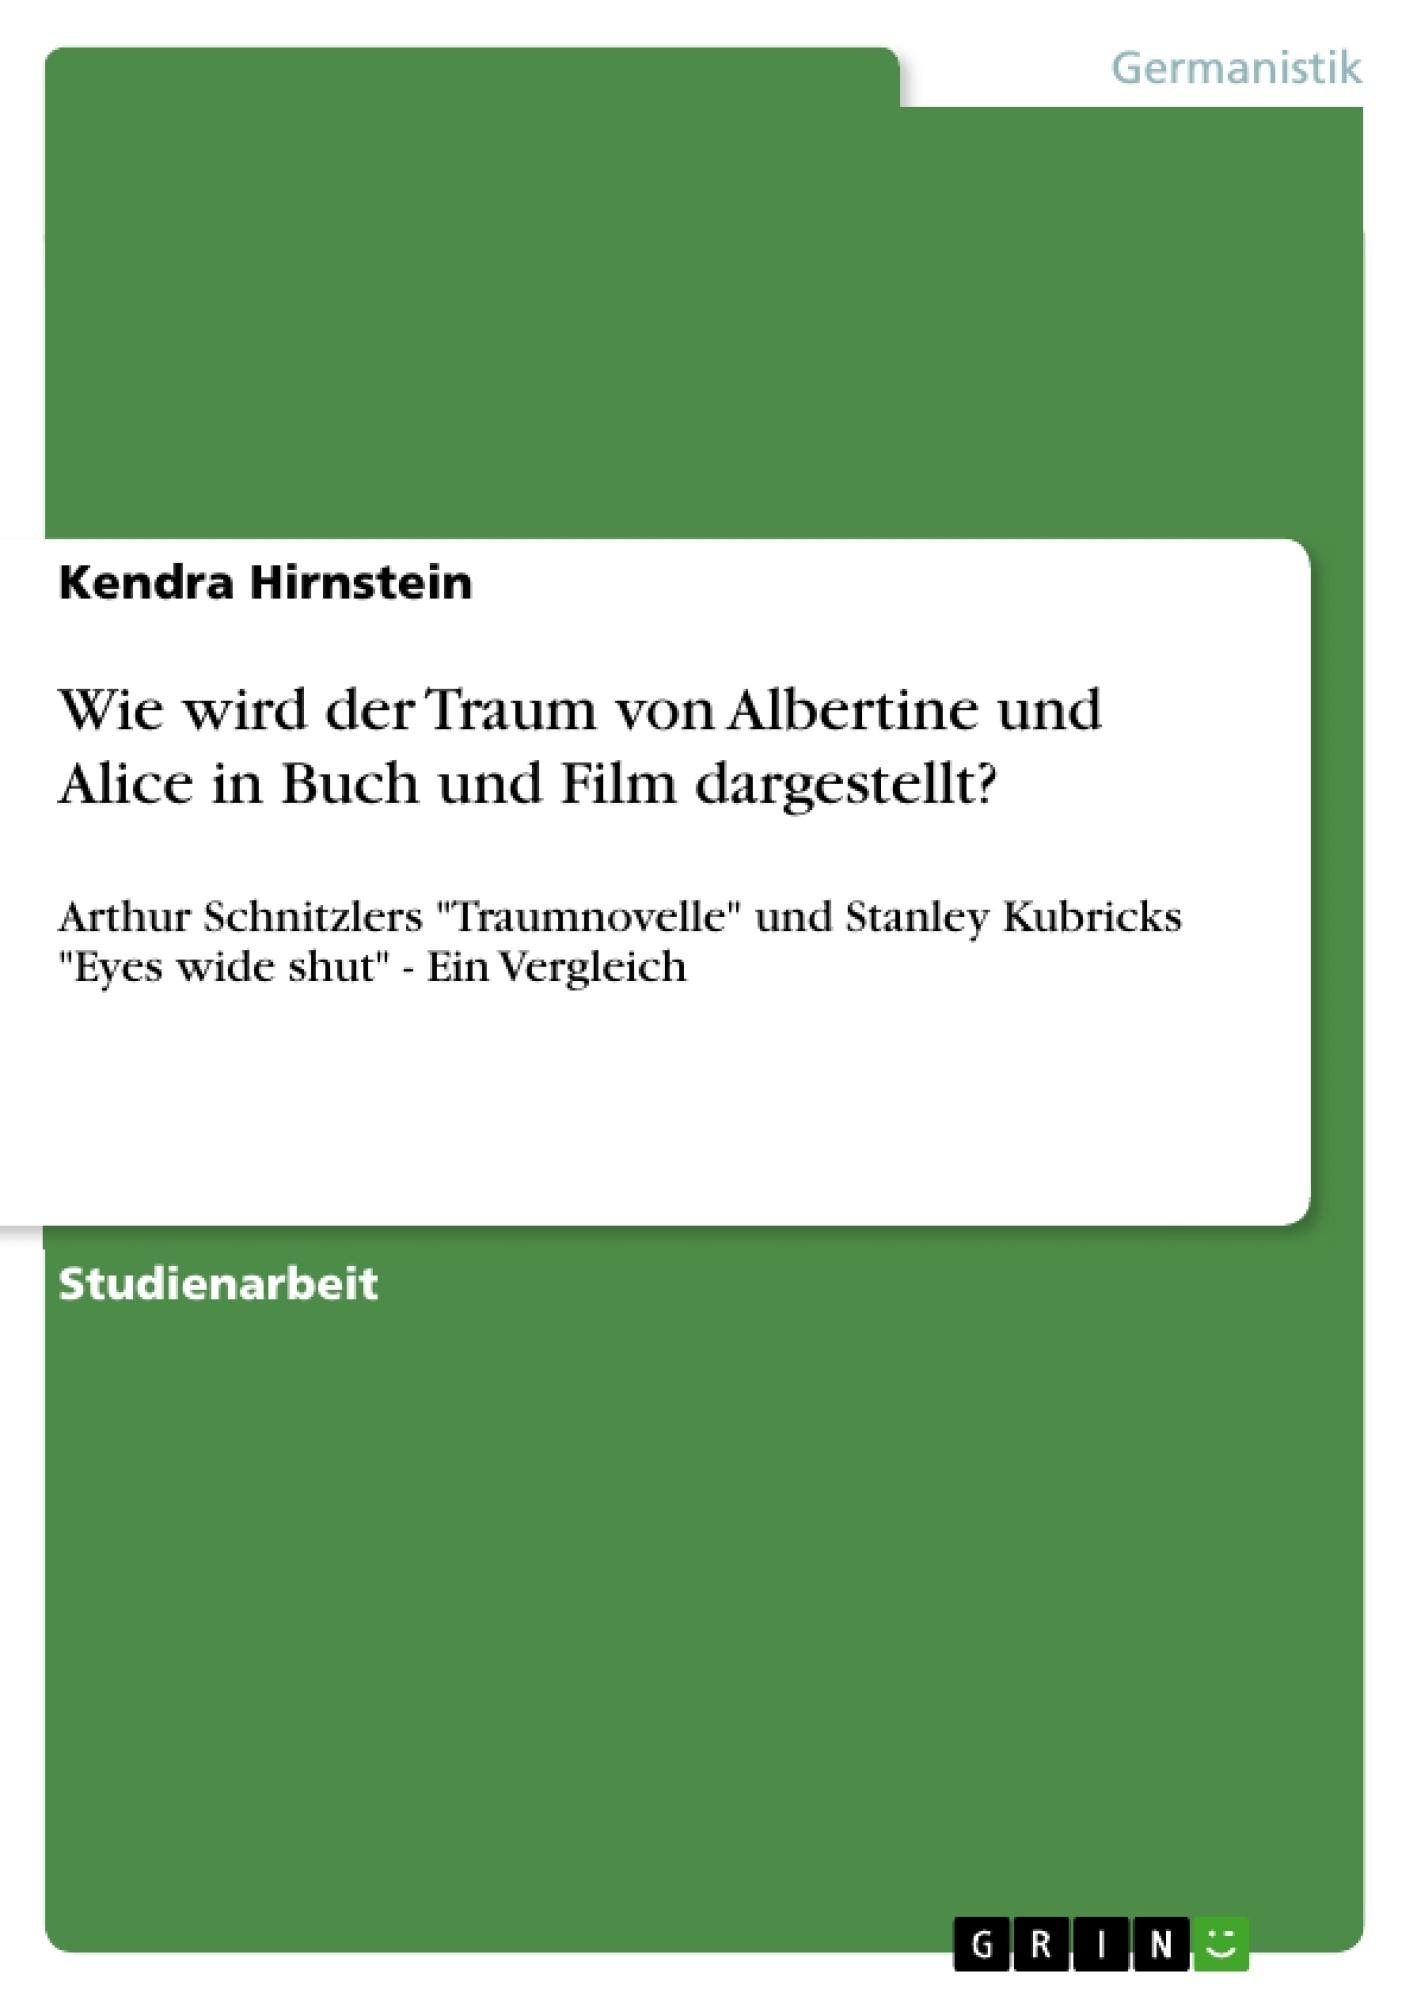 Titel: Wie wird der Traum von Albertine und Alice in Buch und Film dargestellt?